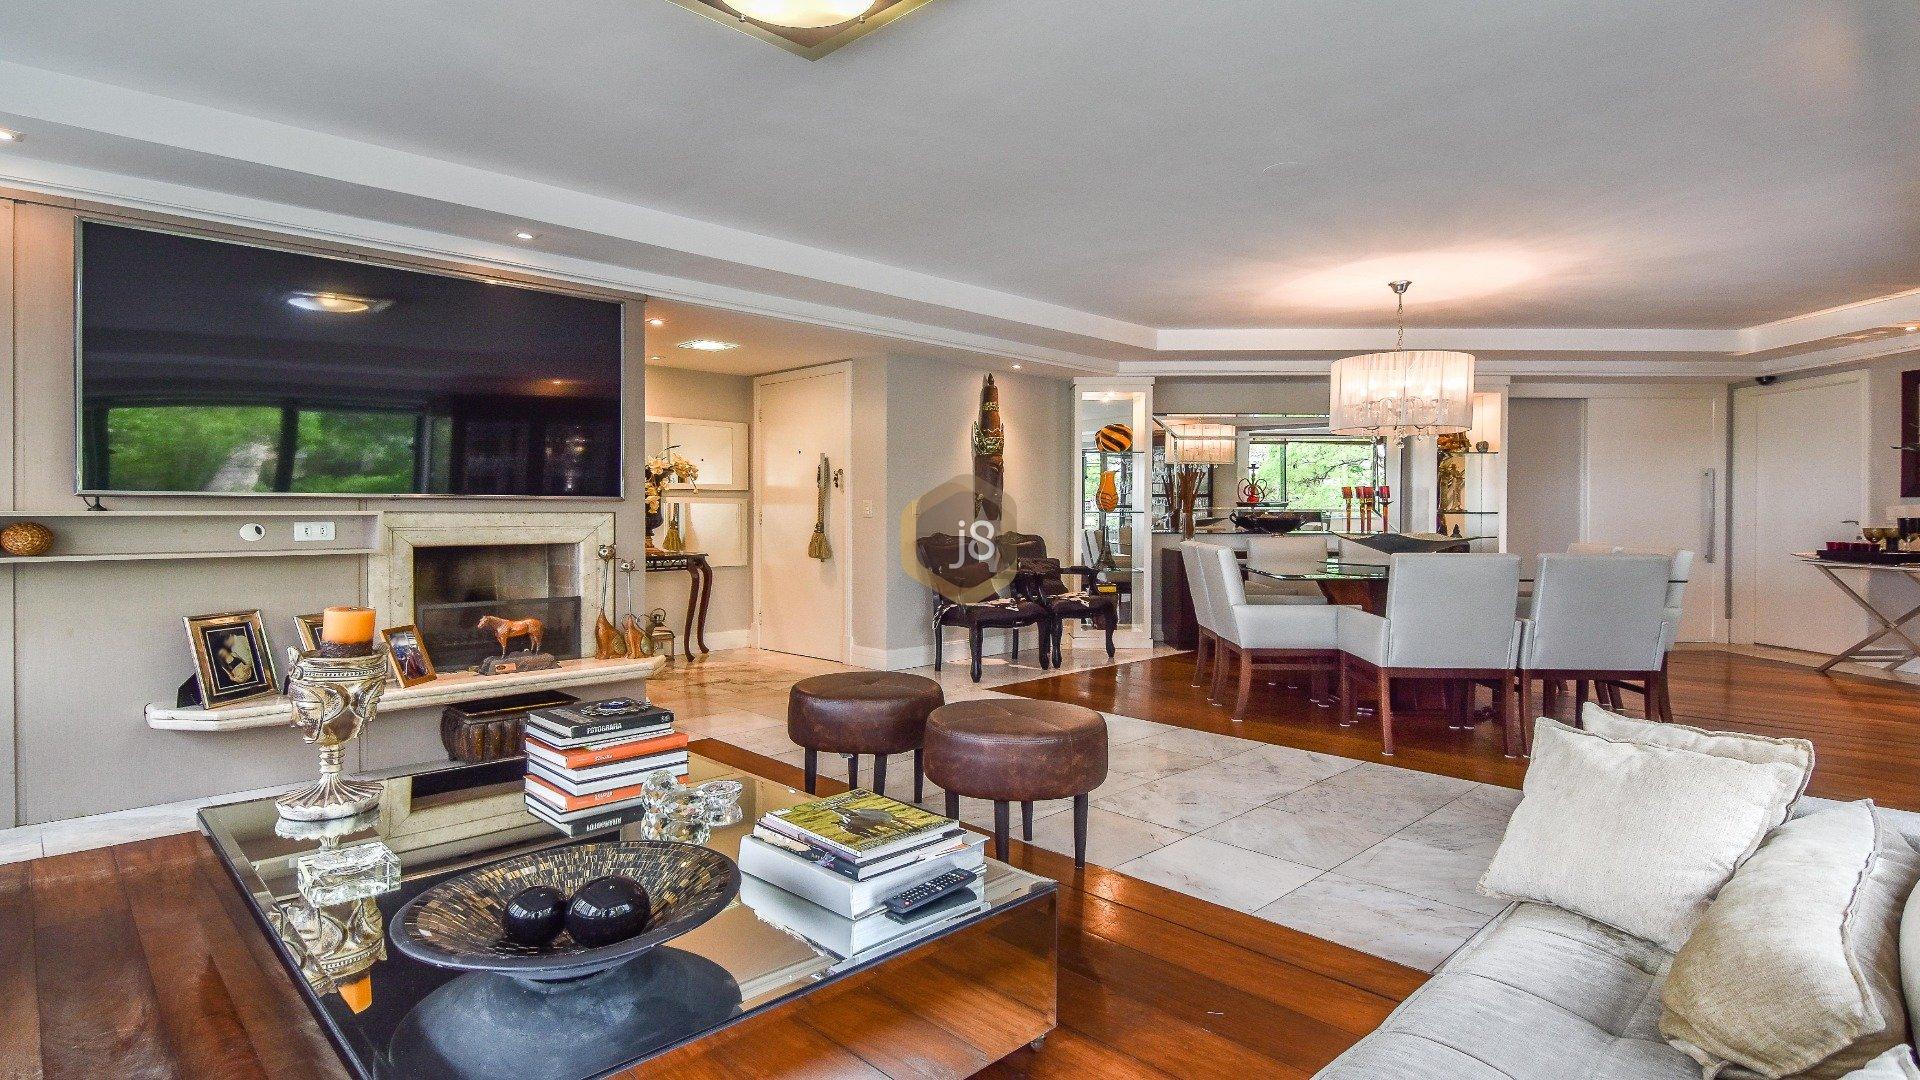 Foto de destaque Apartamento lindo e perfeito para quem quer morar no batel